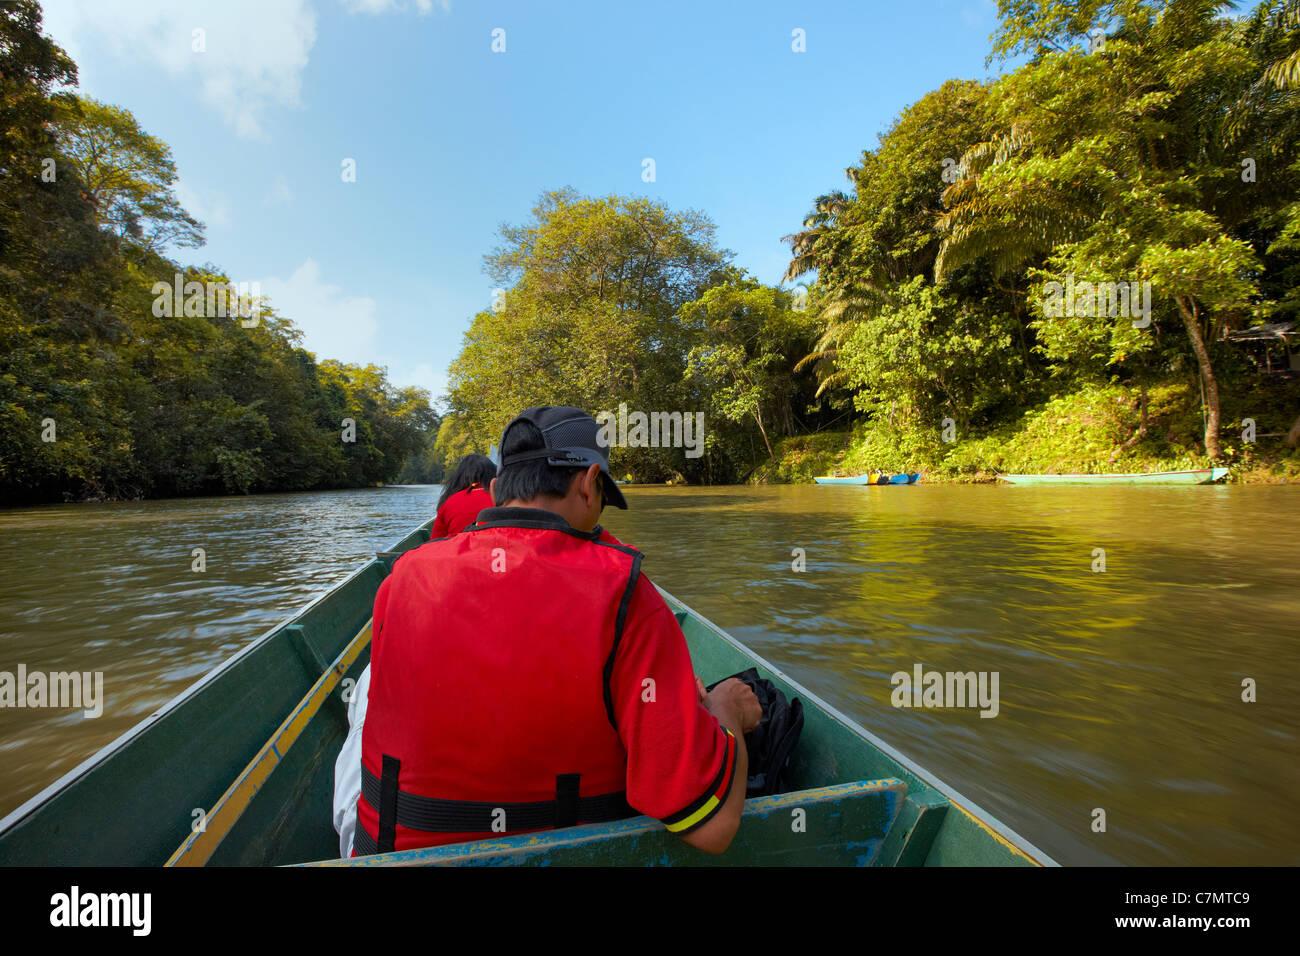 Temburong River, Brunei Darussalam - Stock Image